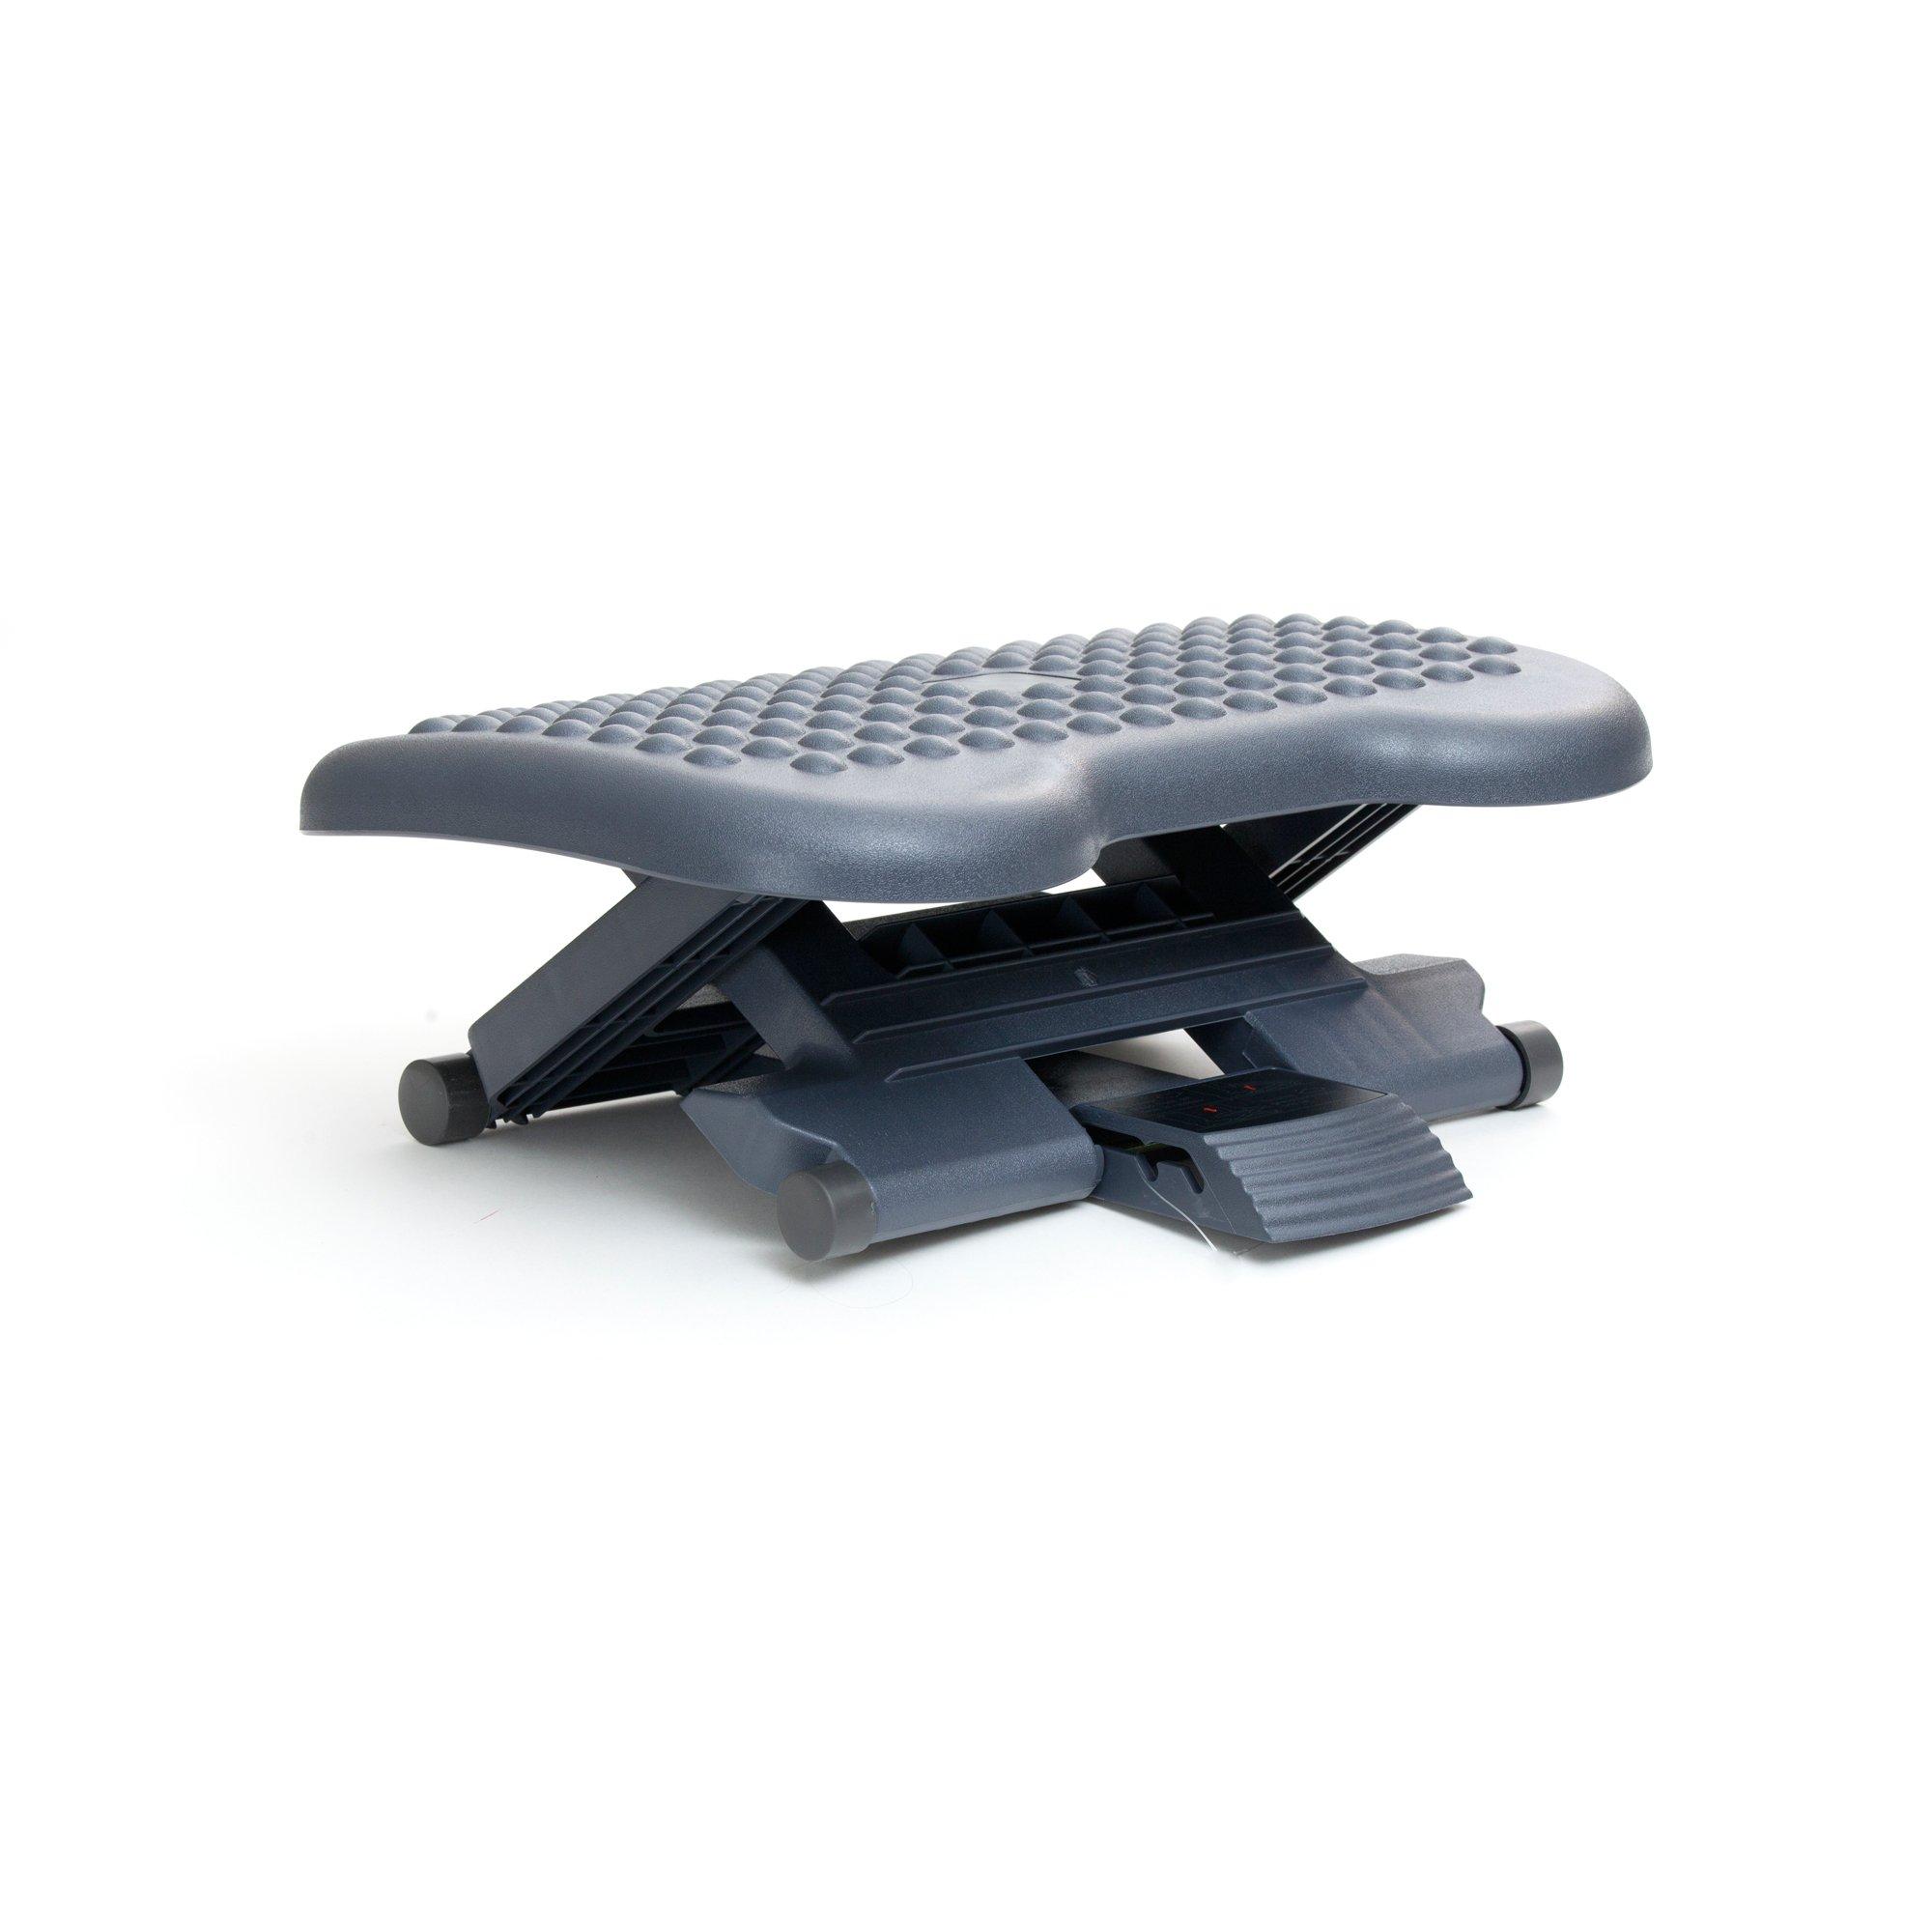 Mind Reader 2FTREST-BLK 2 Pack Adjustable Height Ergonomic Foot Rest, Black by Mind Reader (Image #5)